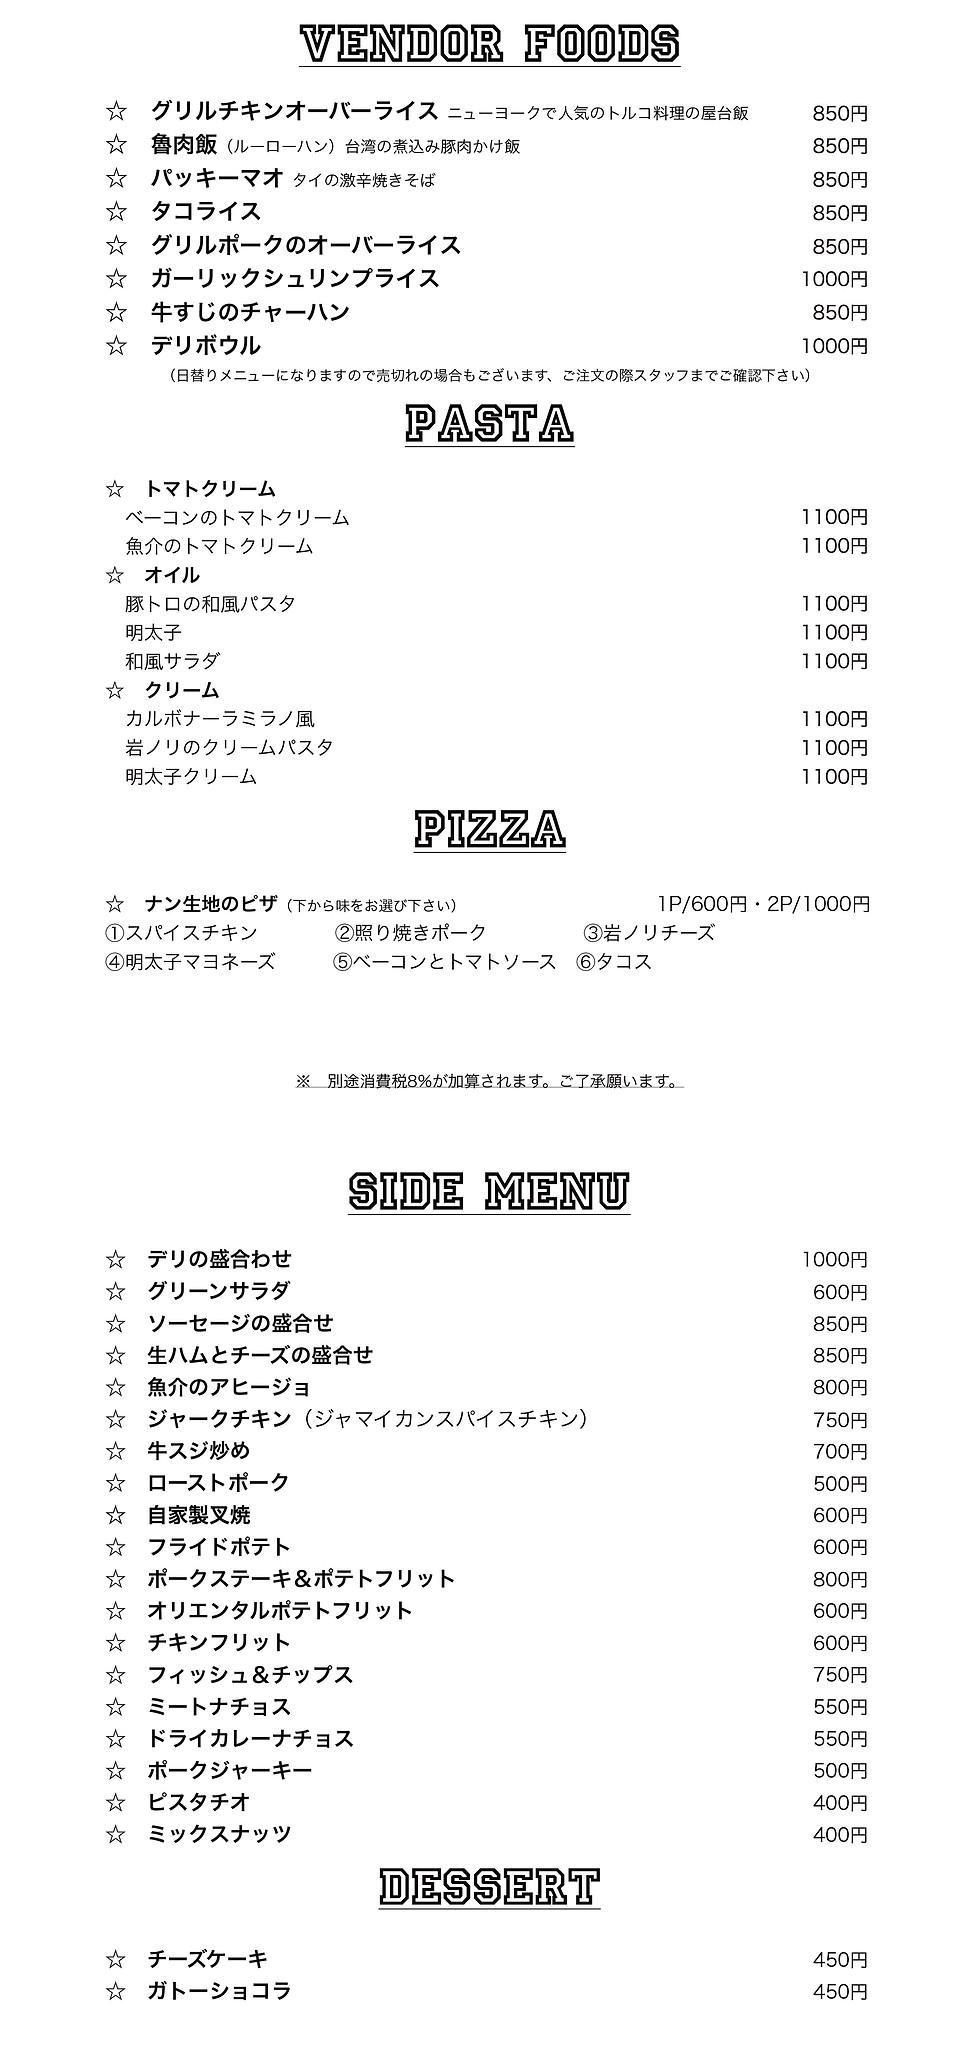 alffo food menu アルフォ フード メニュー